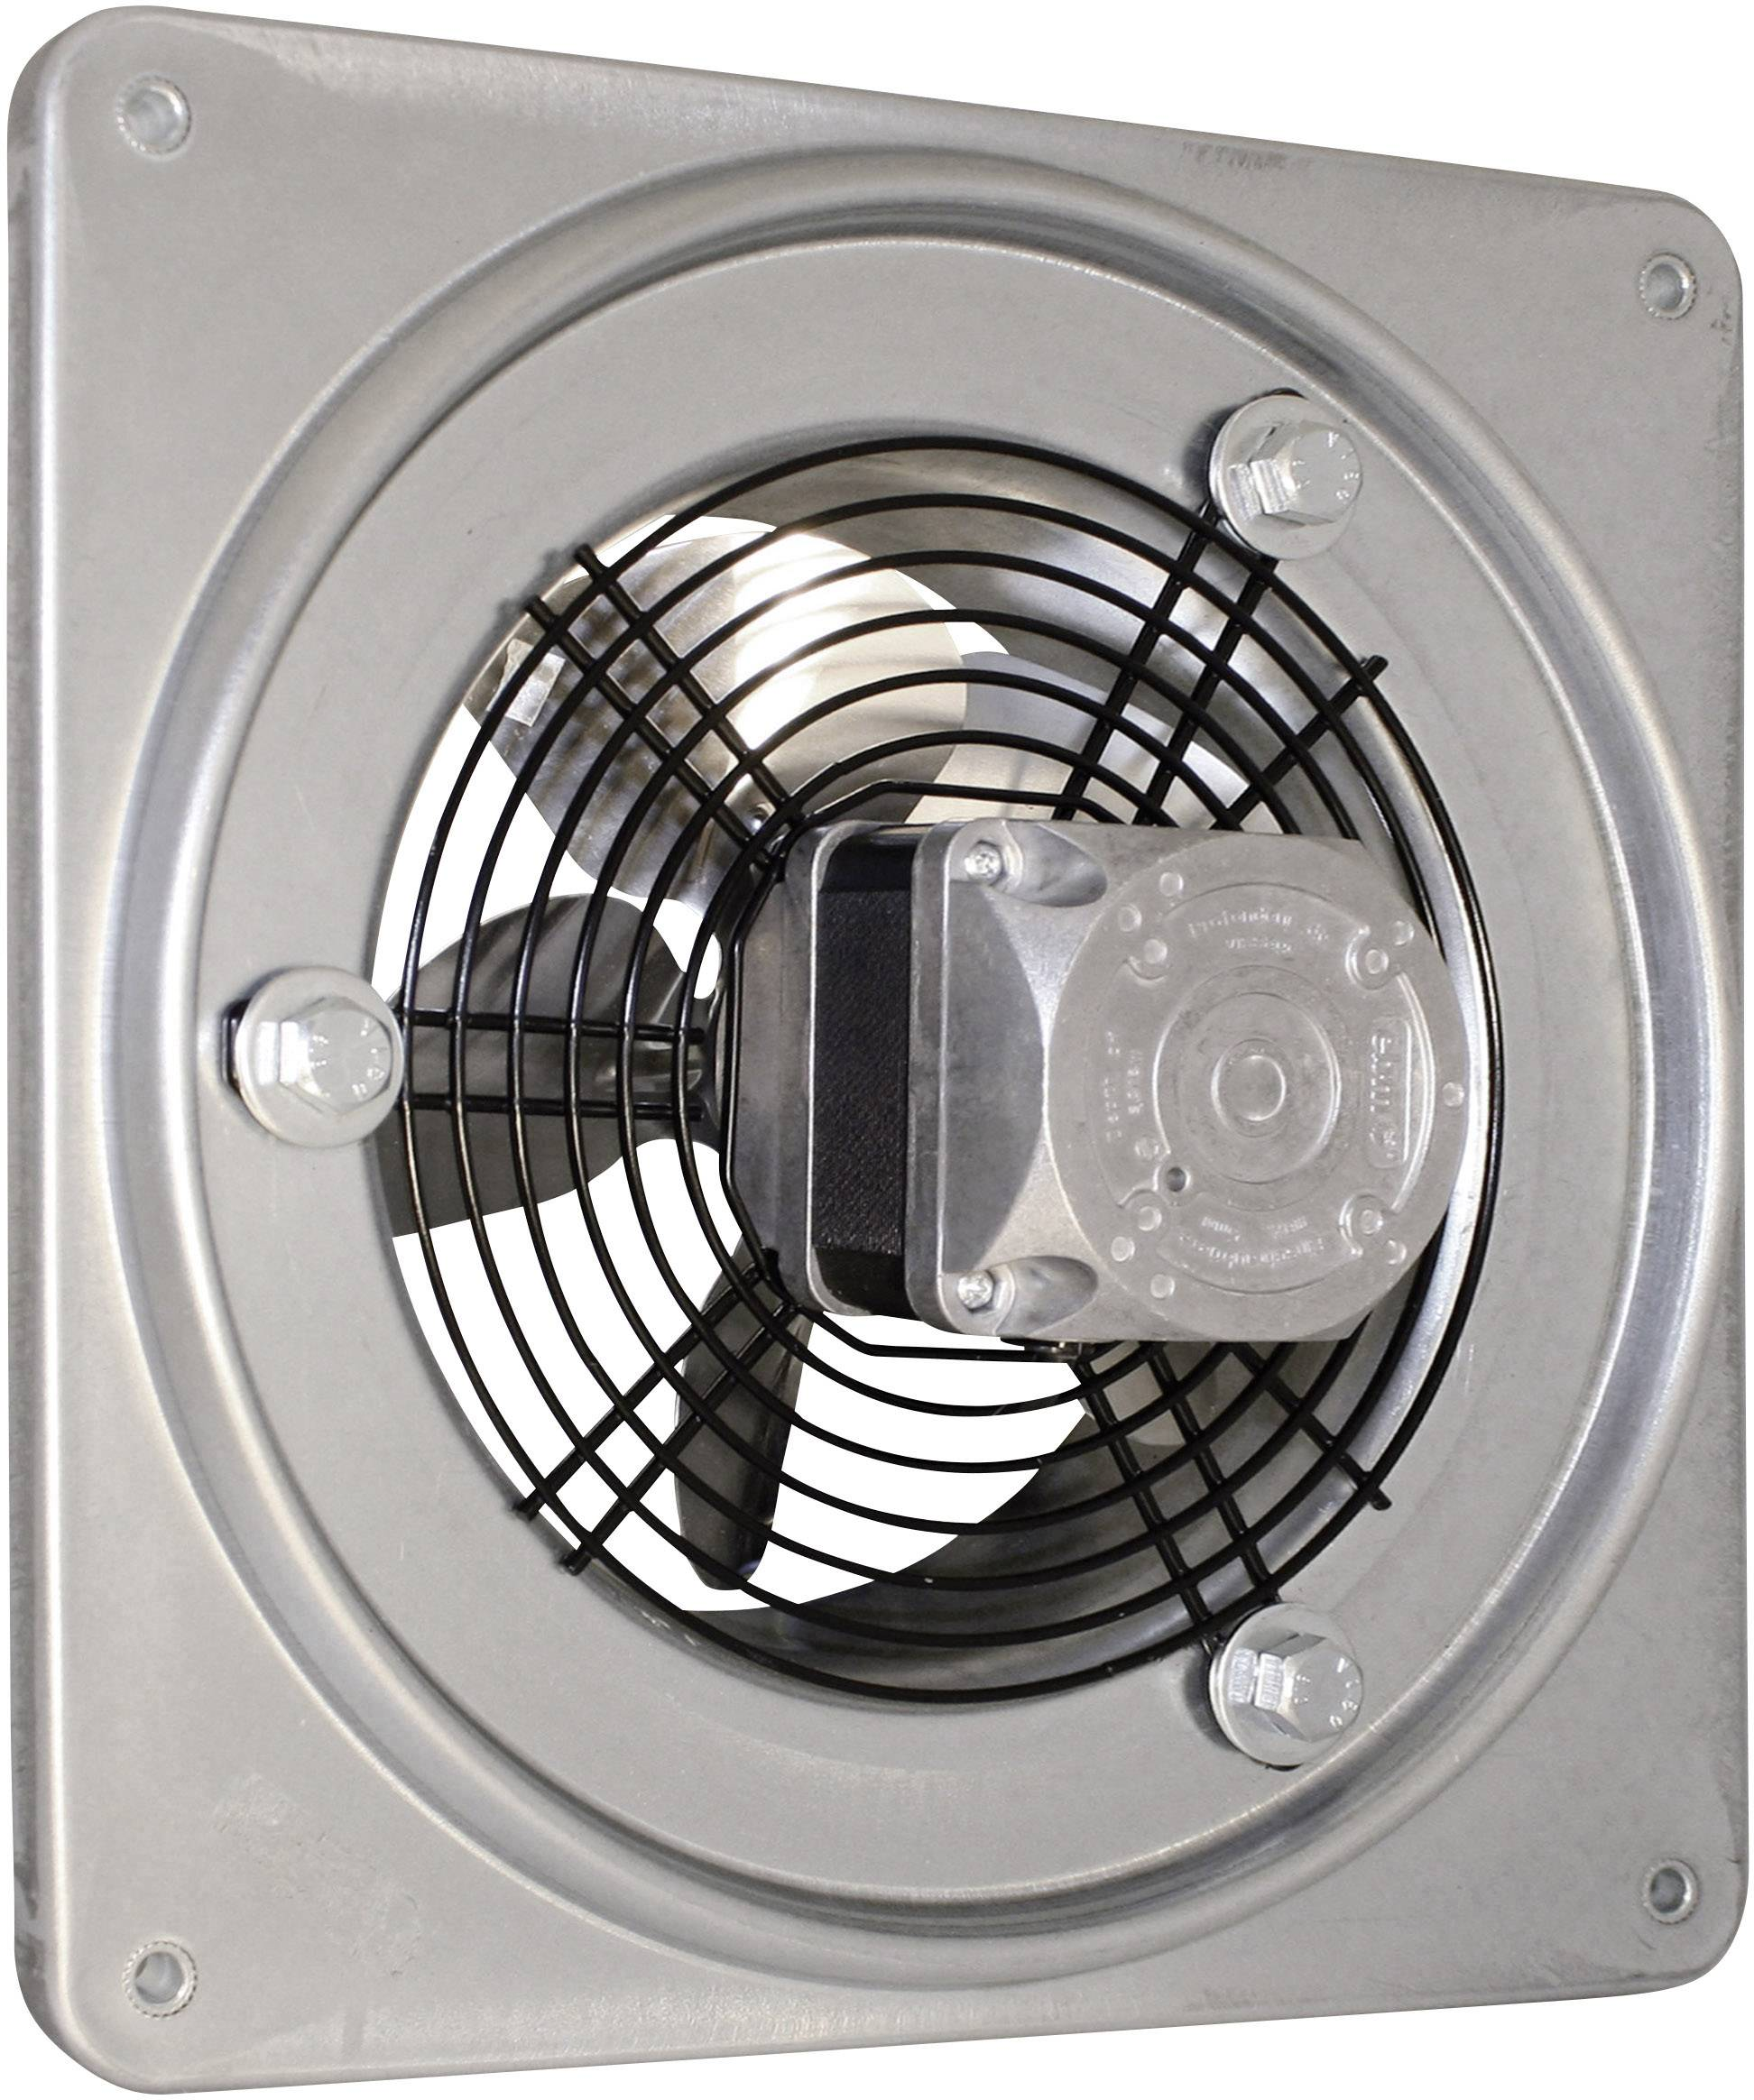 Vestavný ventilátor Basic 35, N40861, 230 V, 1600 m3/h, 44 cm